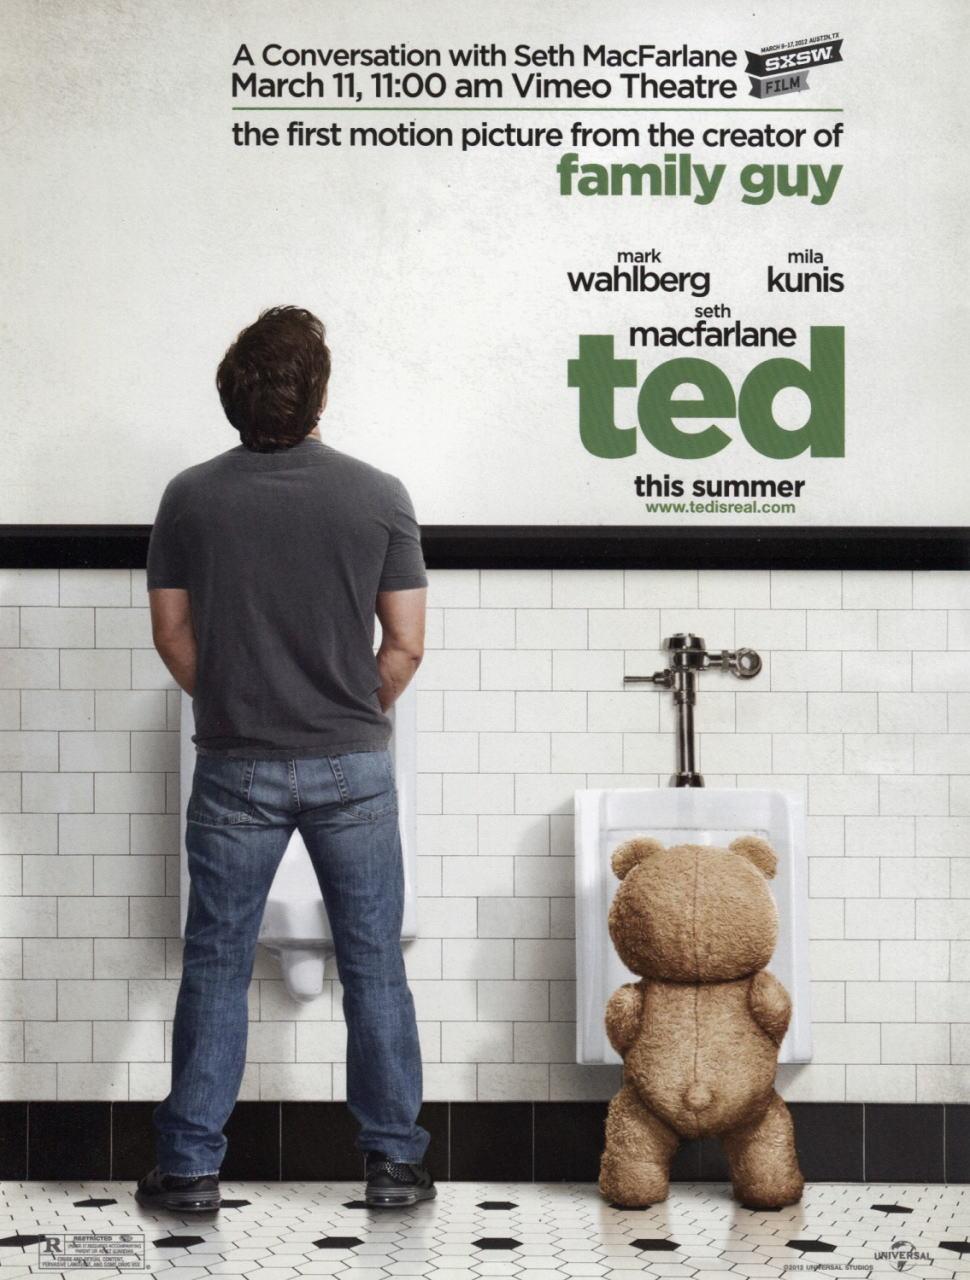 映画『テッド TED』ポスター(1)▼ポスター画像クリックで拡大します。